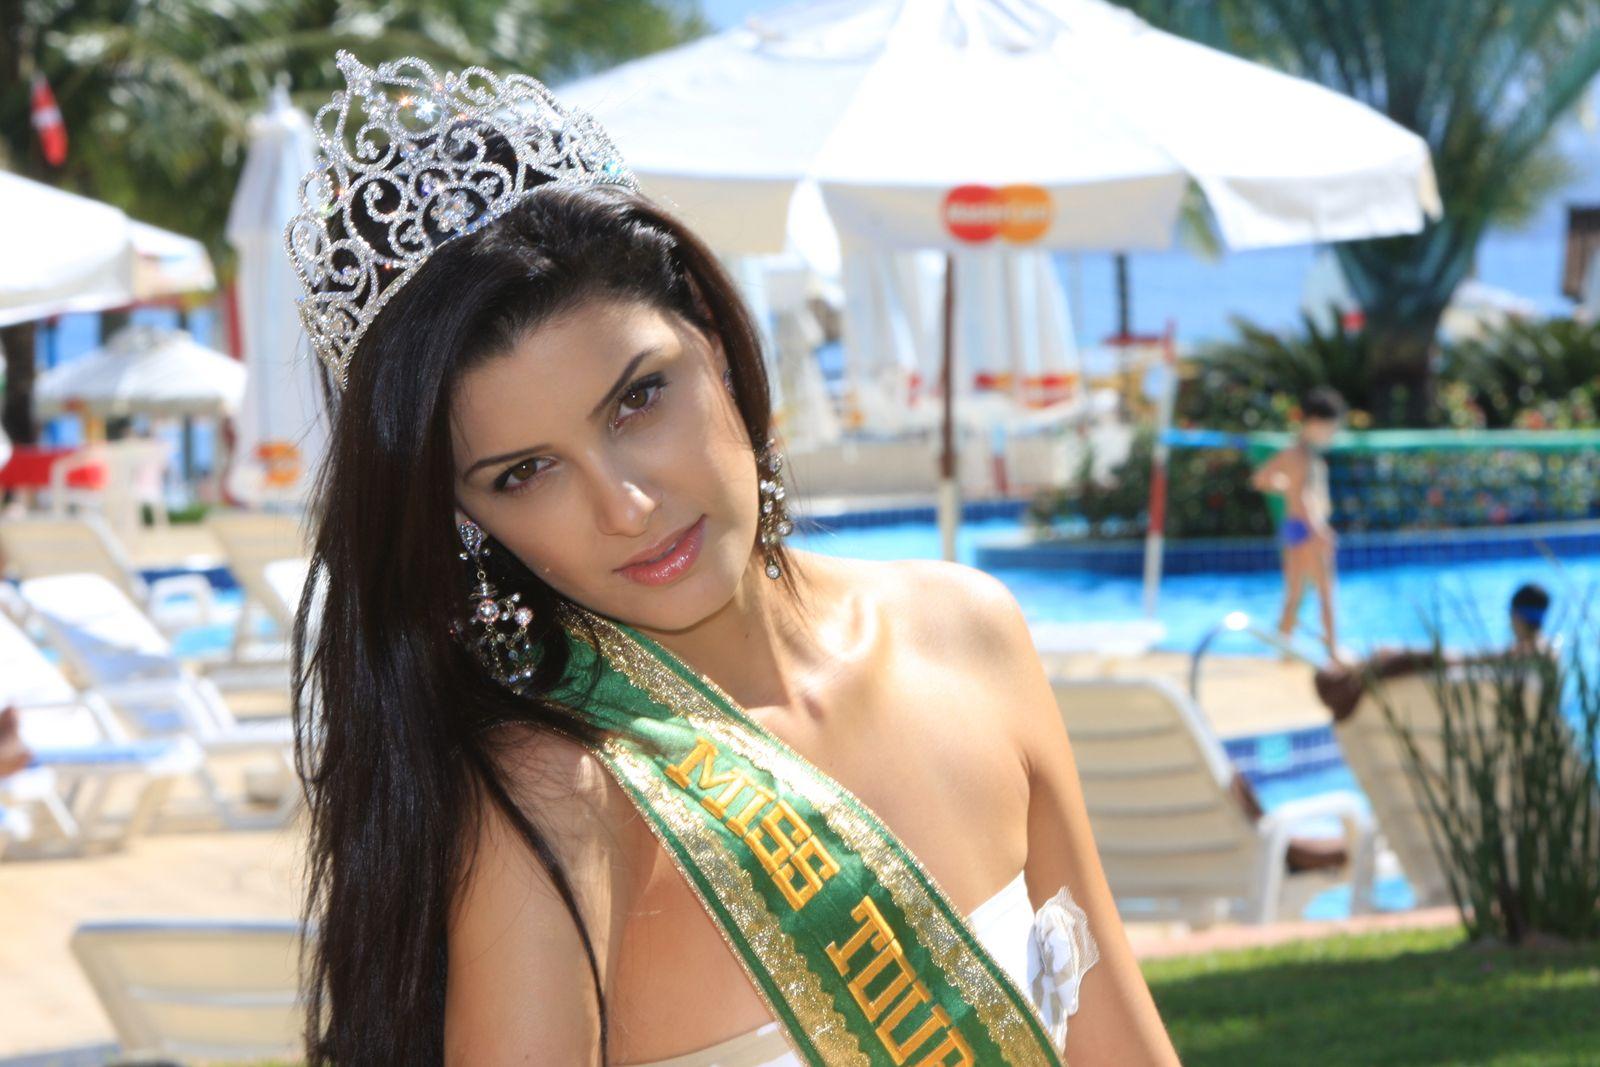 vivian noronha, rainha hispanoamericana 2008. suplente. - Página 2 Yjzxrfjb